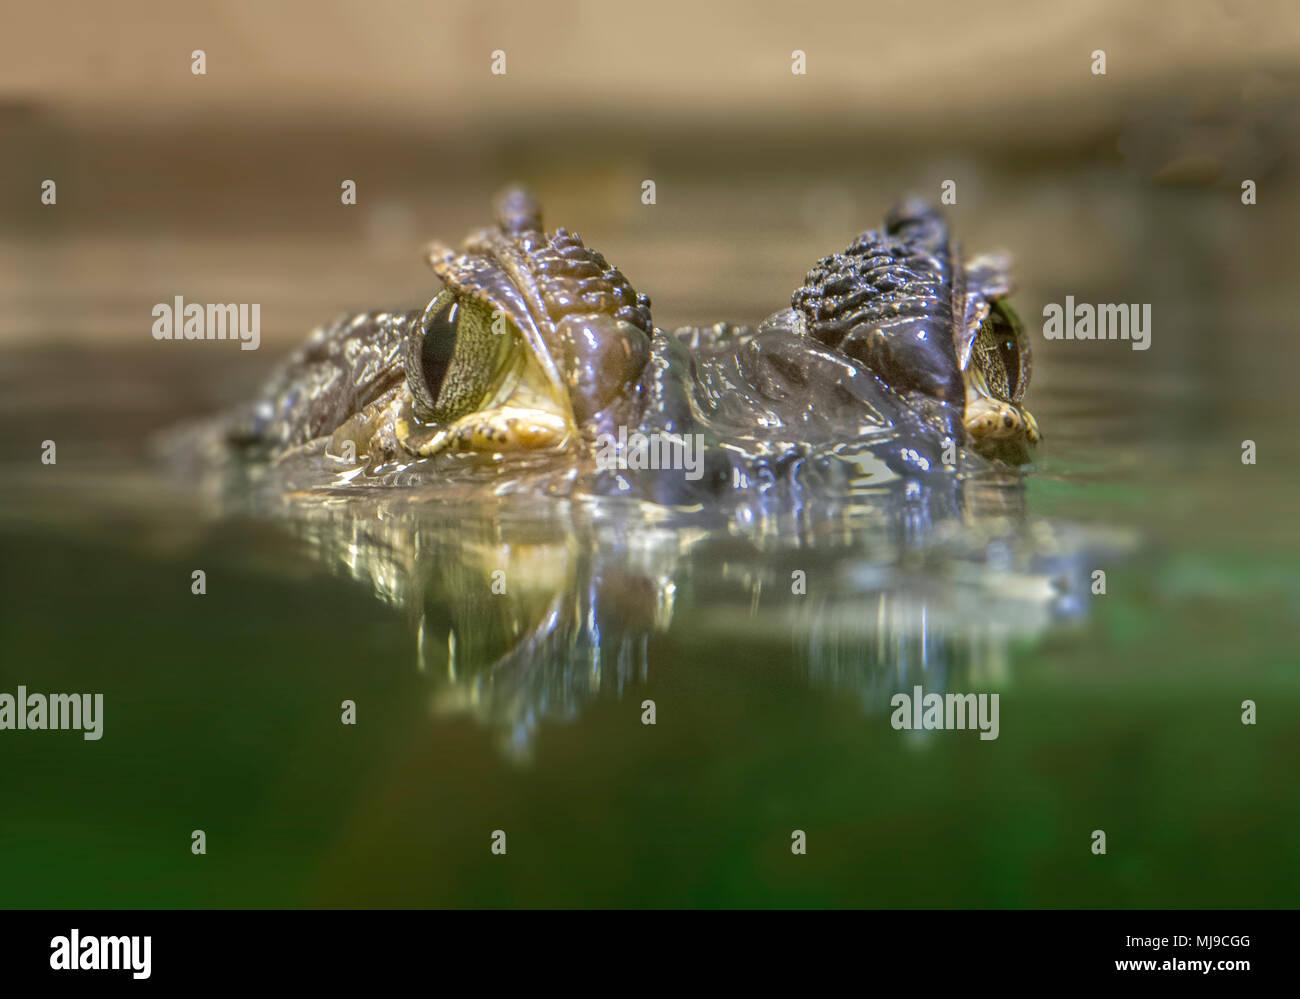 Crocodile eyes looking at camera - Stock Image